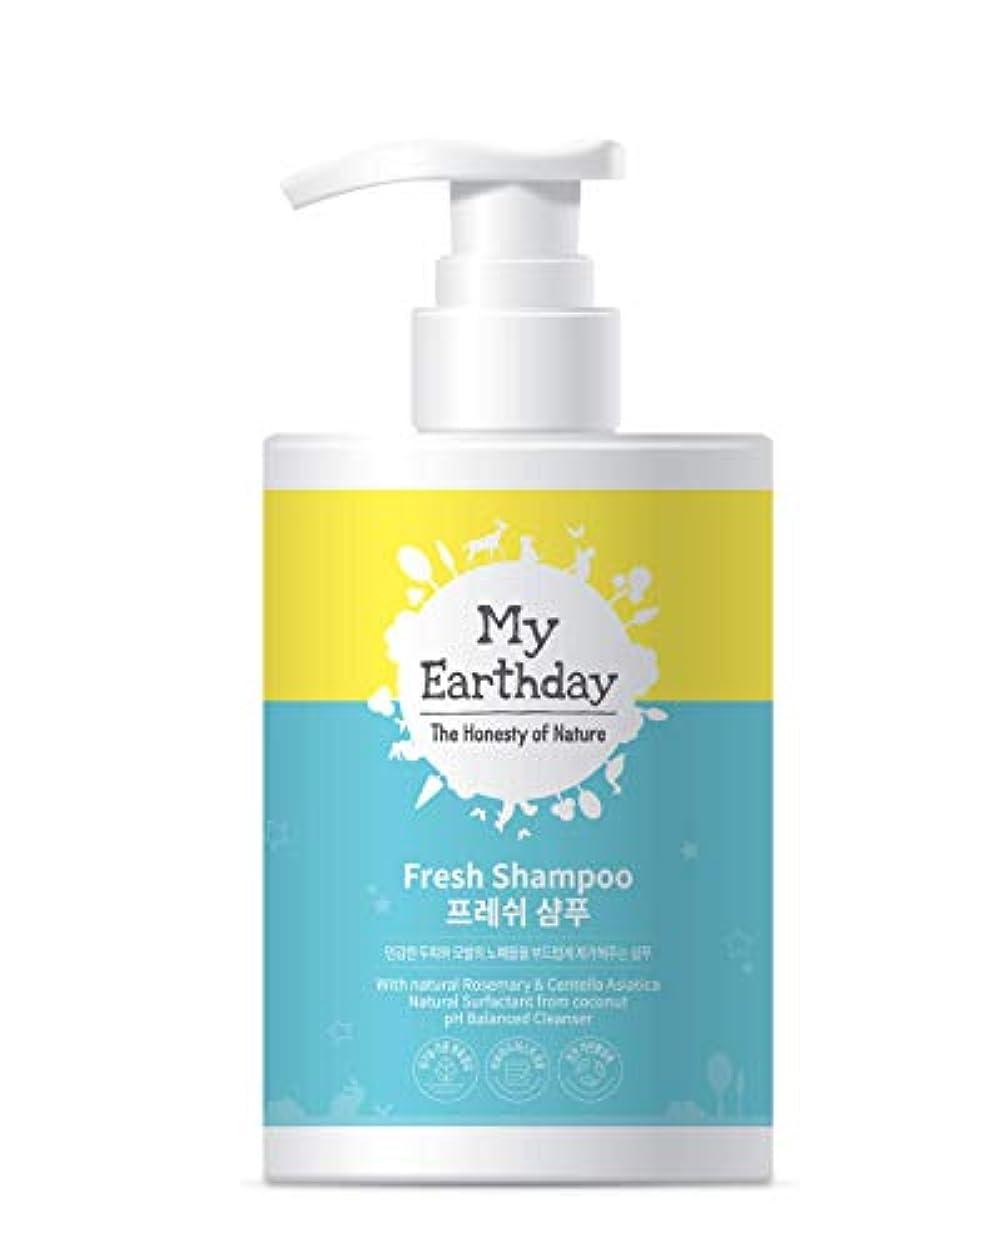 上向き型劣る[MyEarthday] Fresh Shampoo 18g / 0.63oz x 5 Sheets